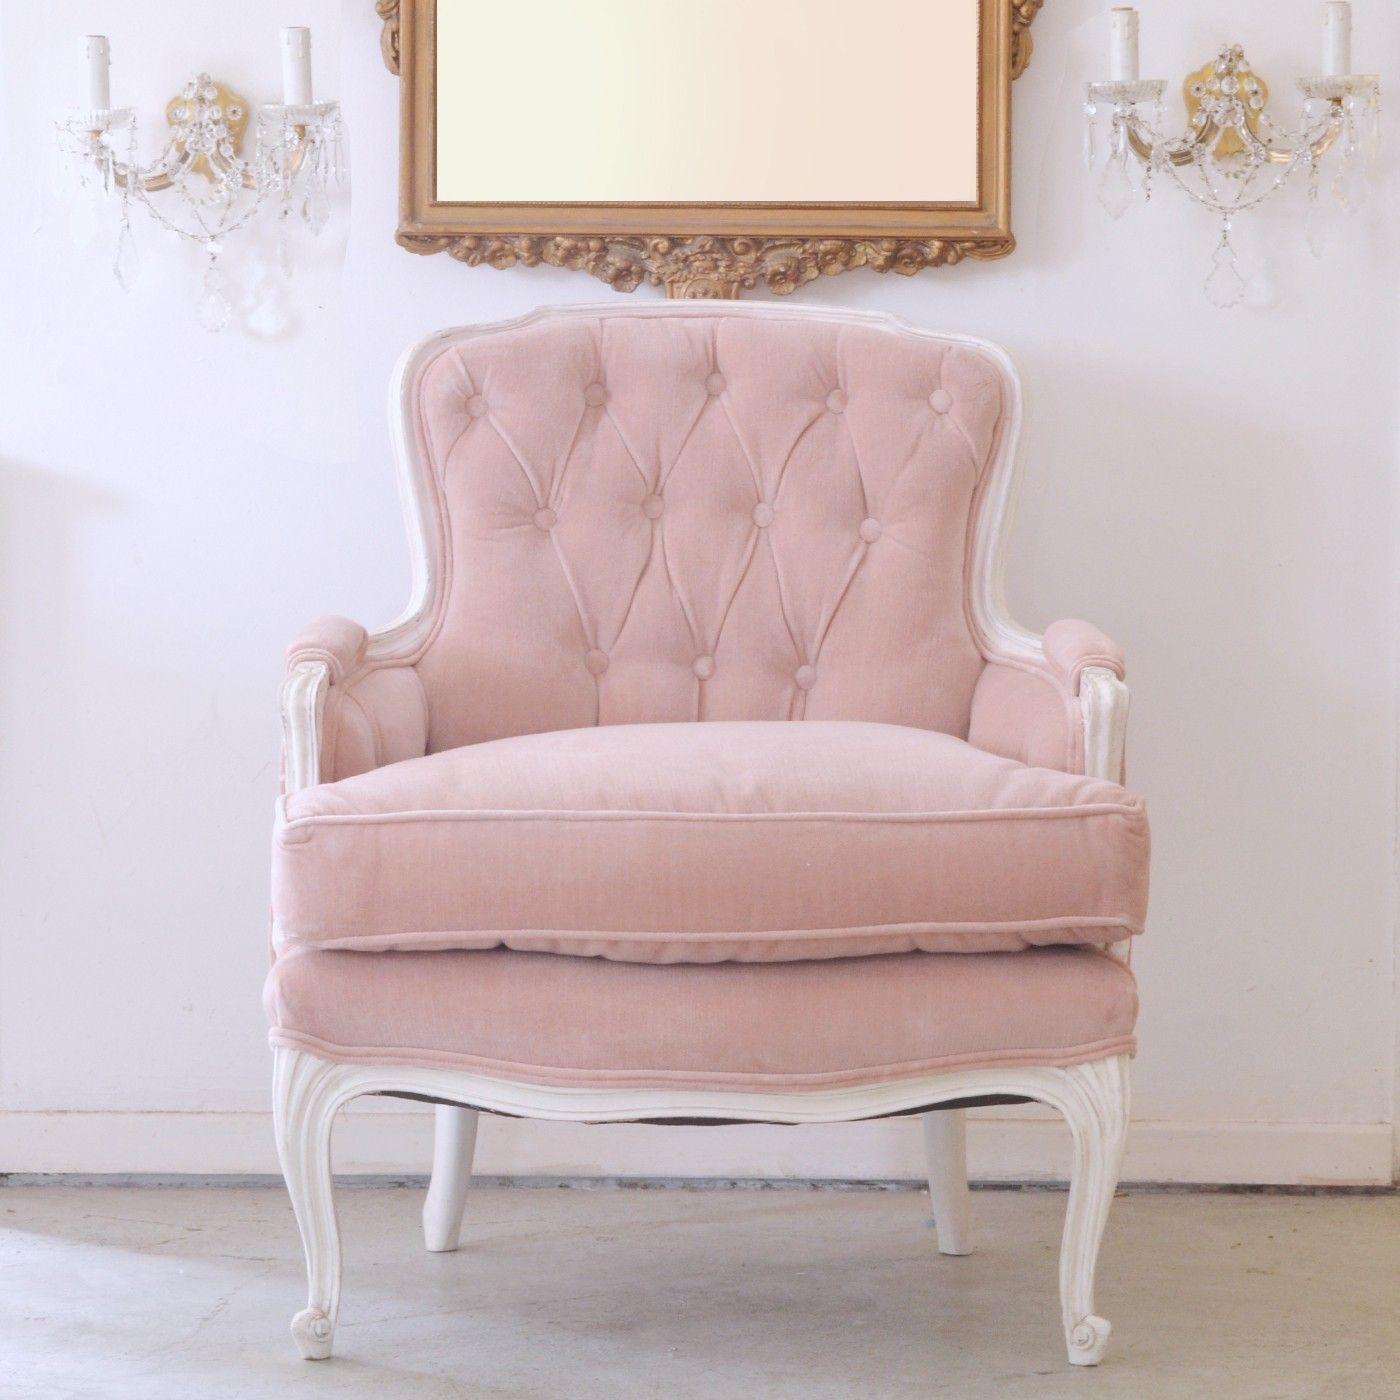 Romantic Shabby Chic Rose Velvet Tufted Chair In 2019